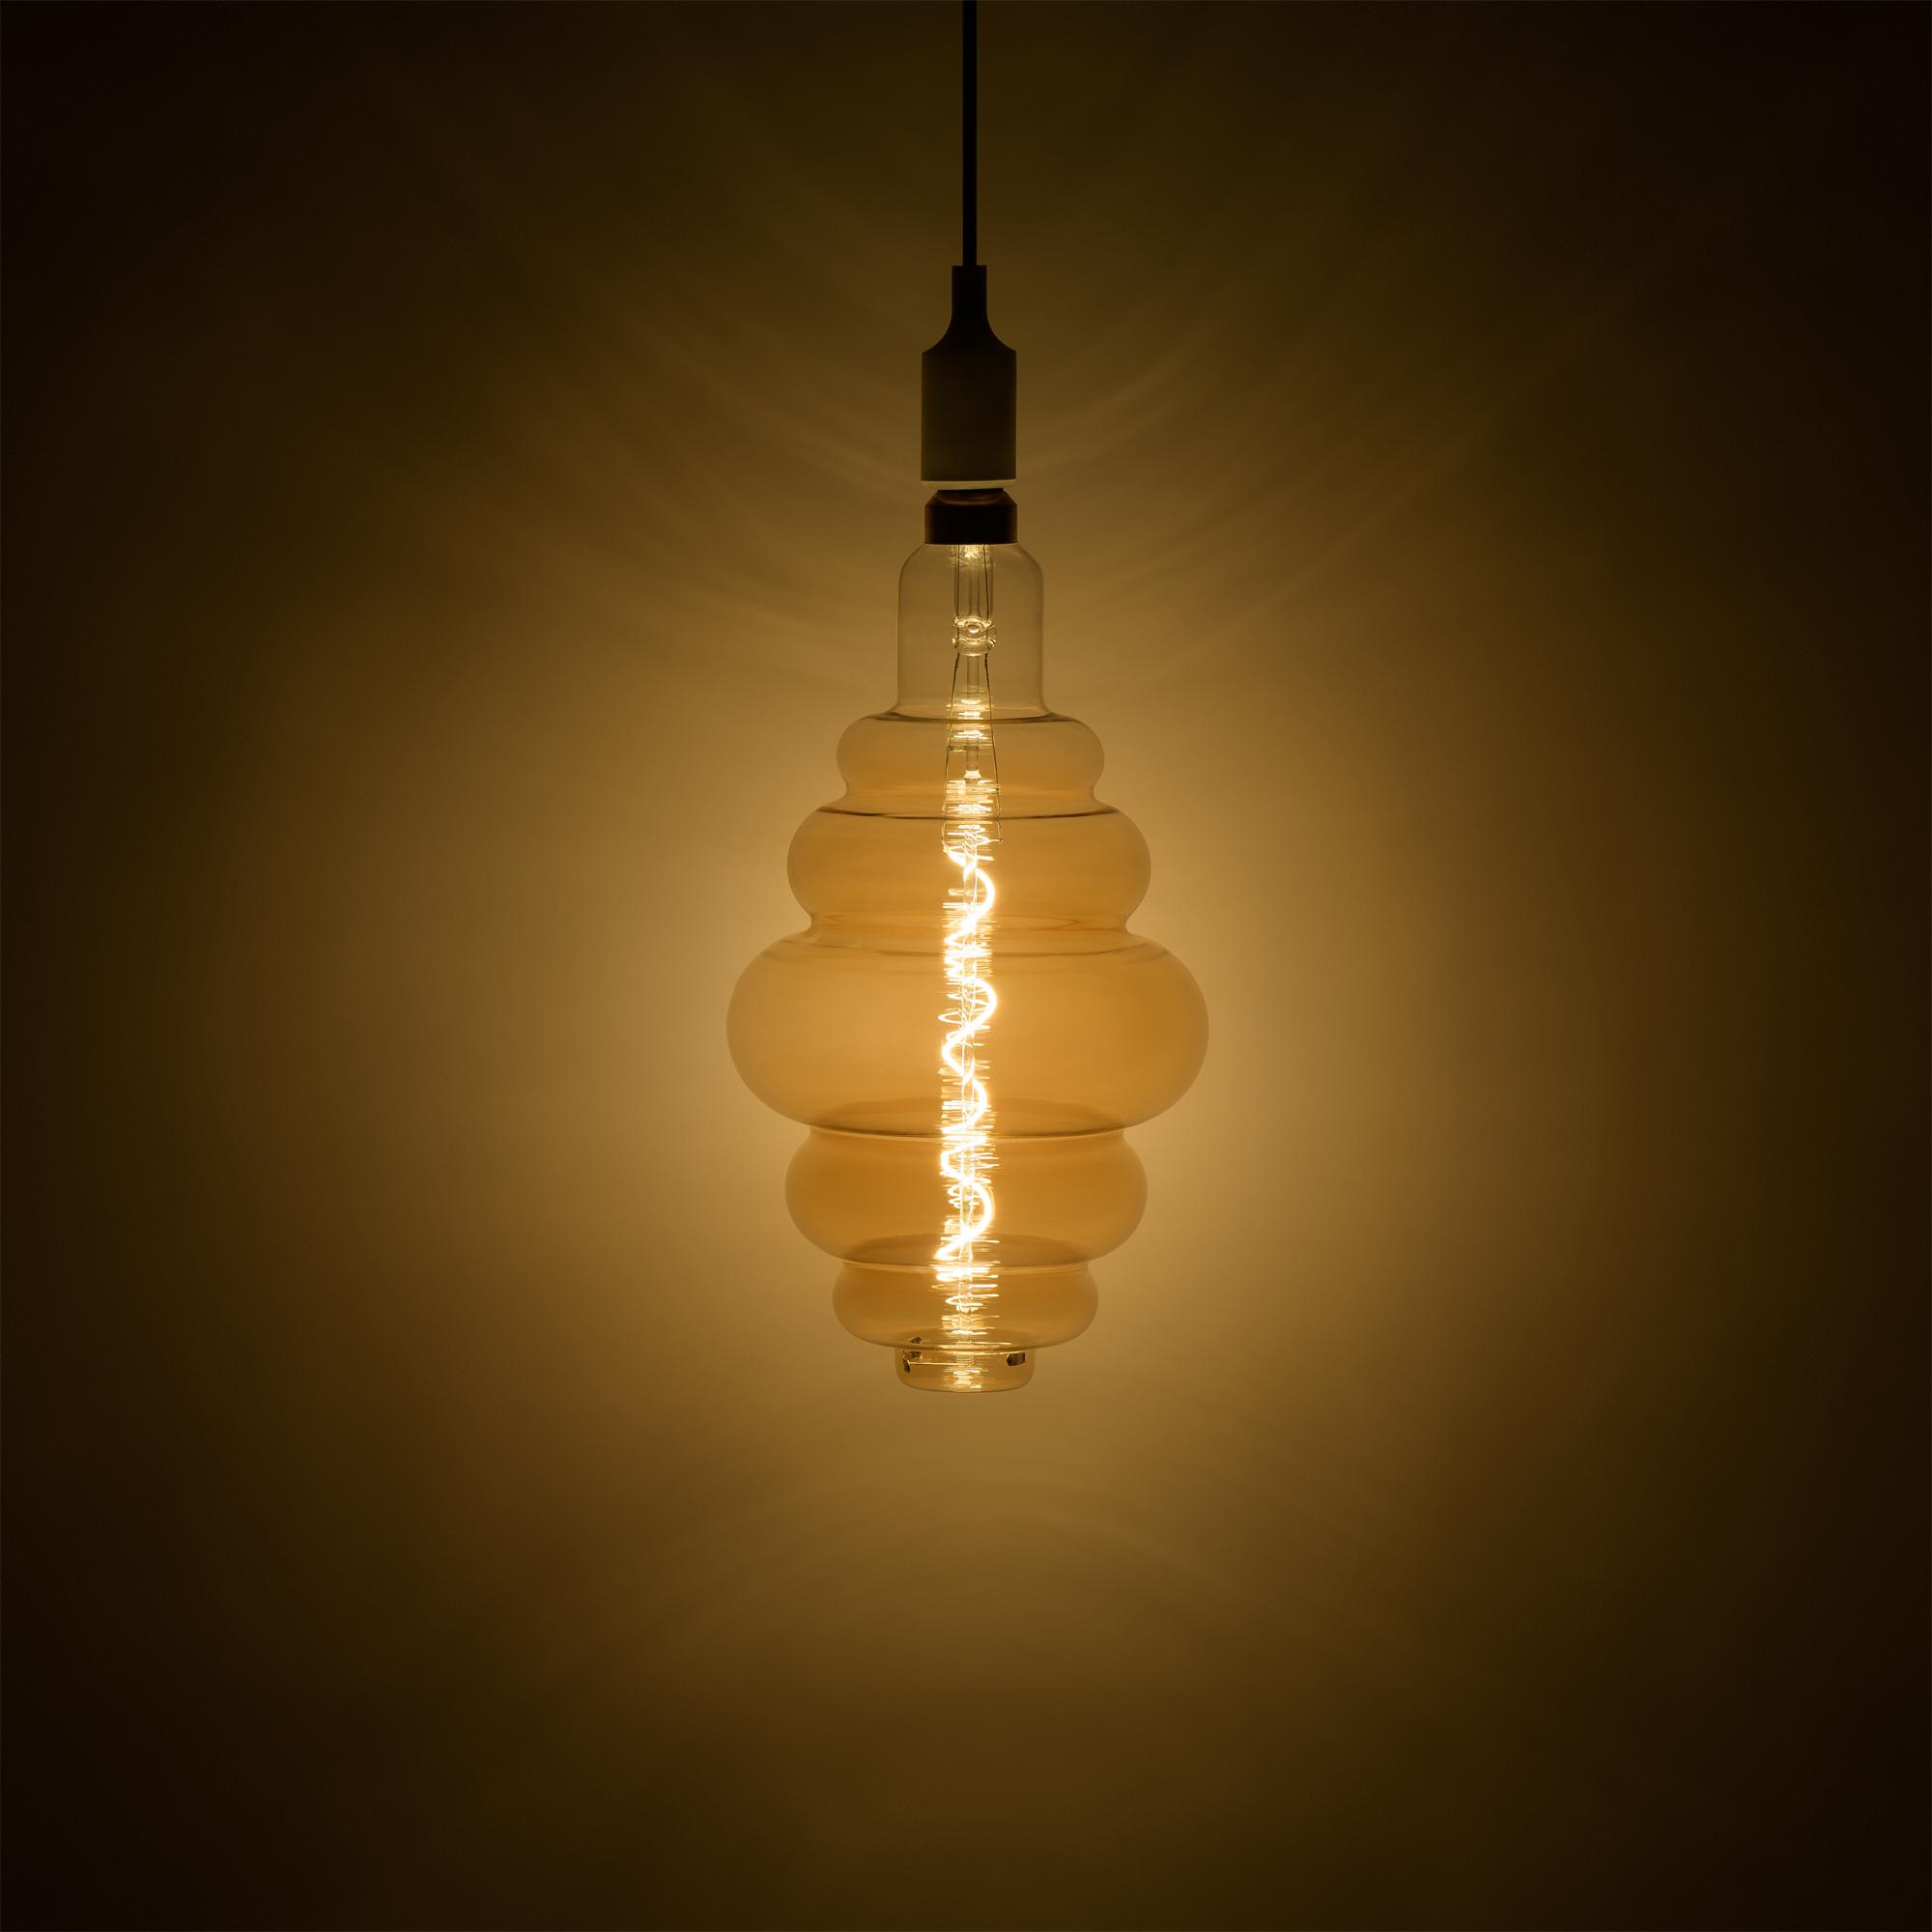 Лампа большая филаментная Gauss Vintage E27 6 Вт золотая колба диаметр 20 см